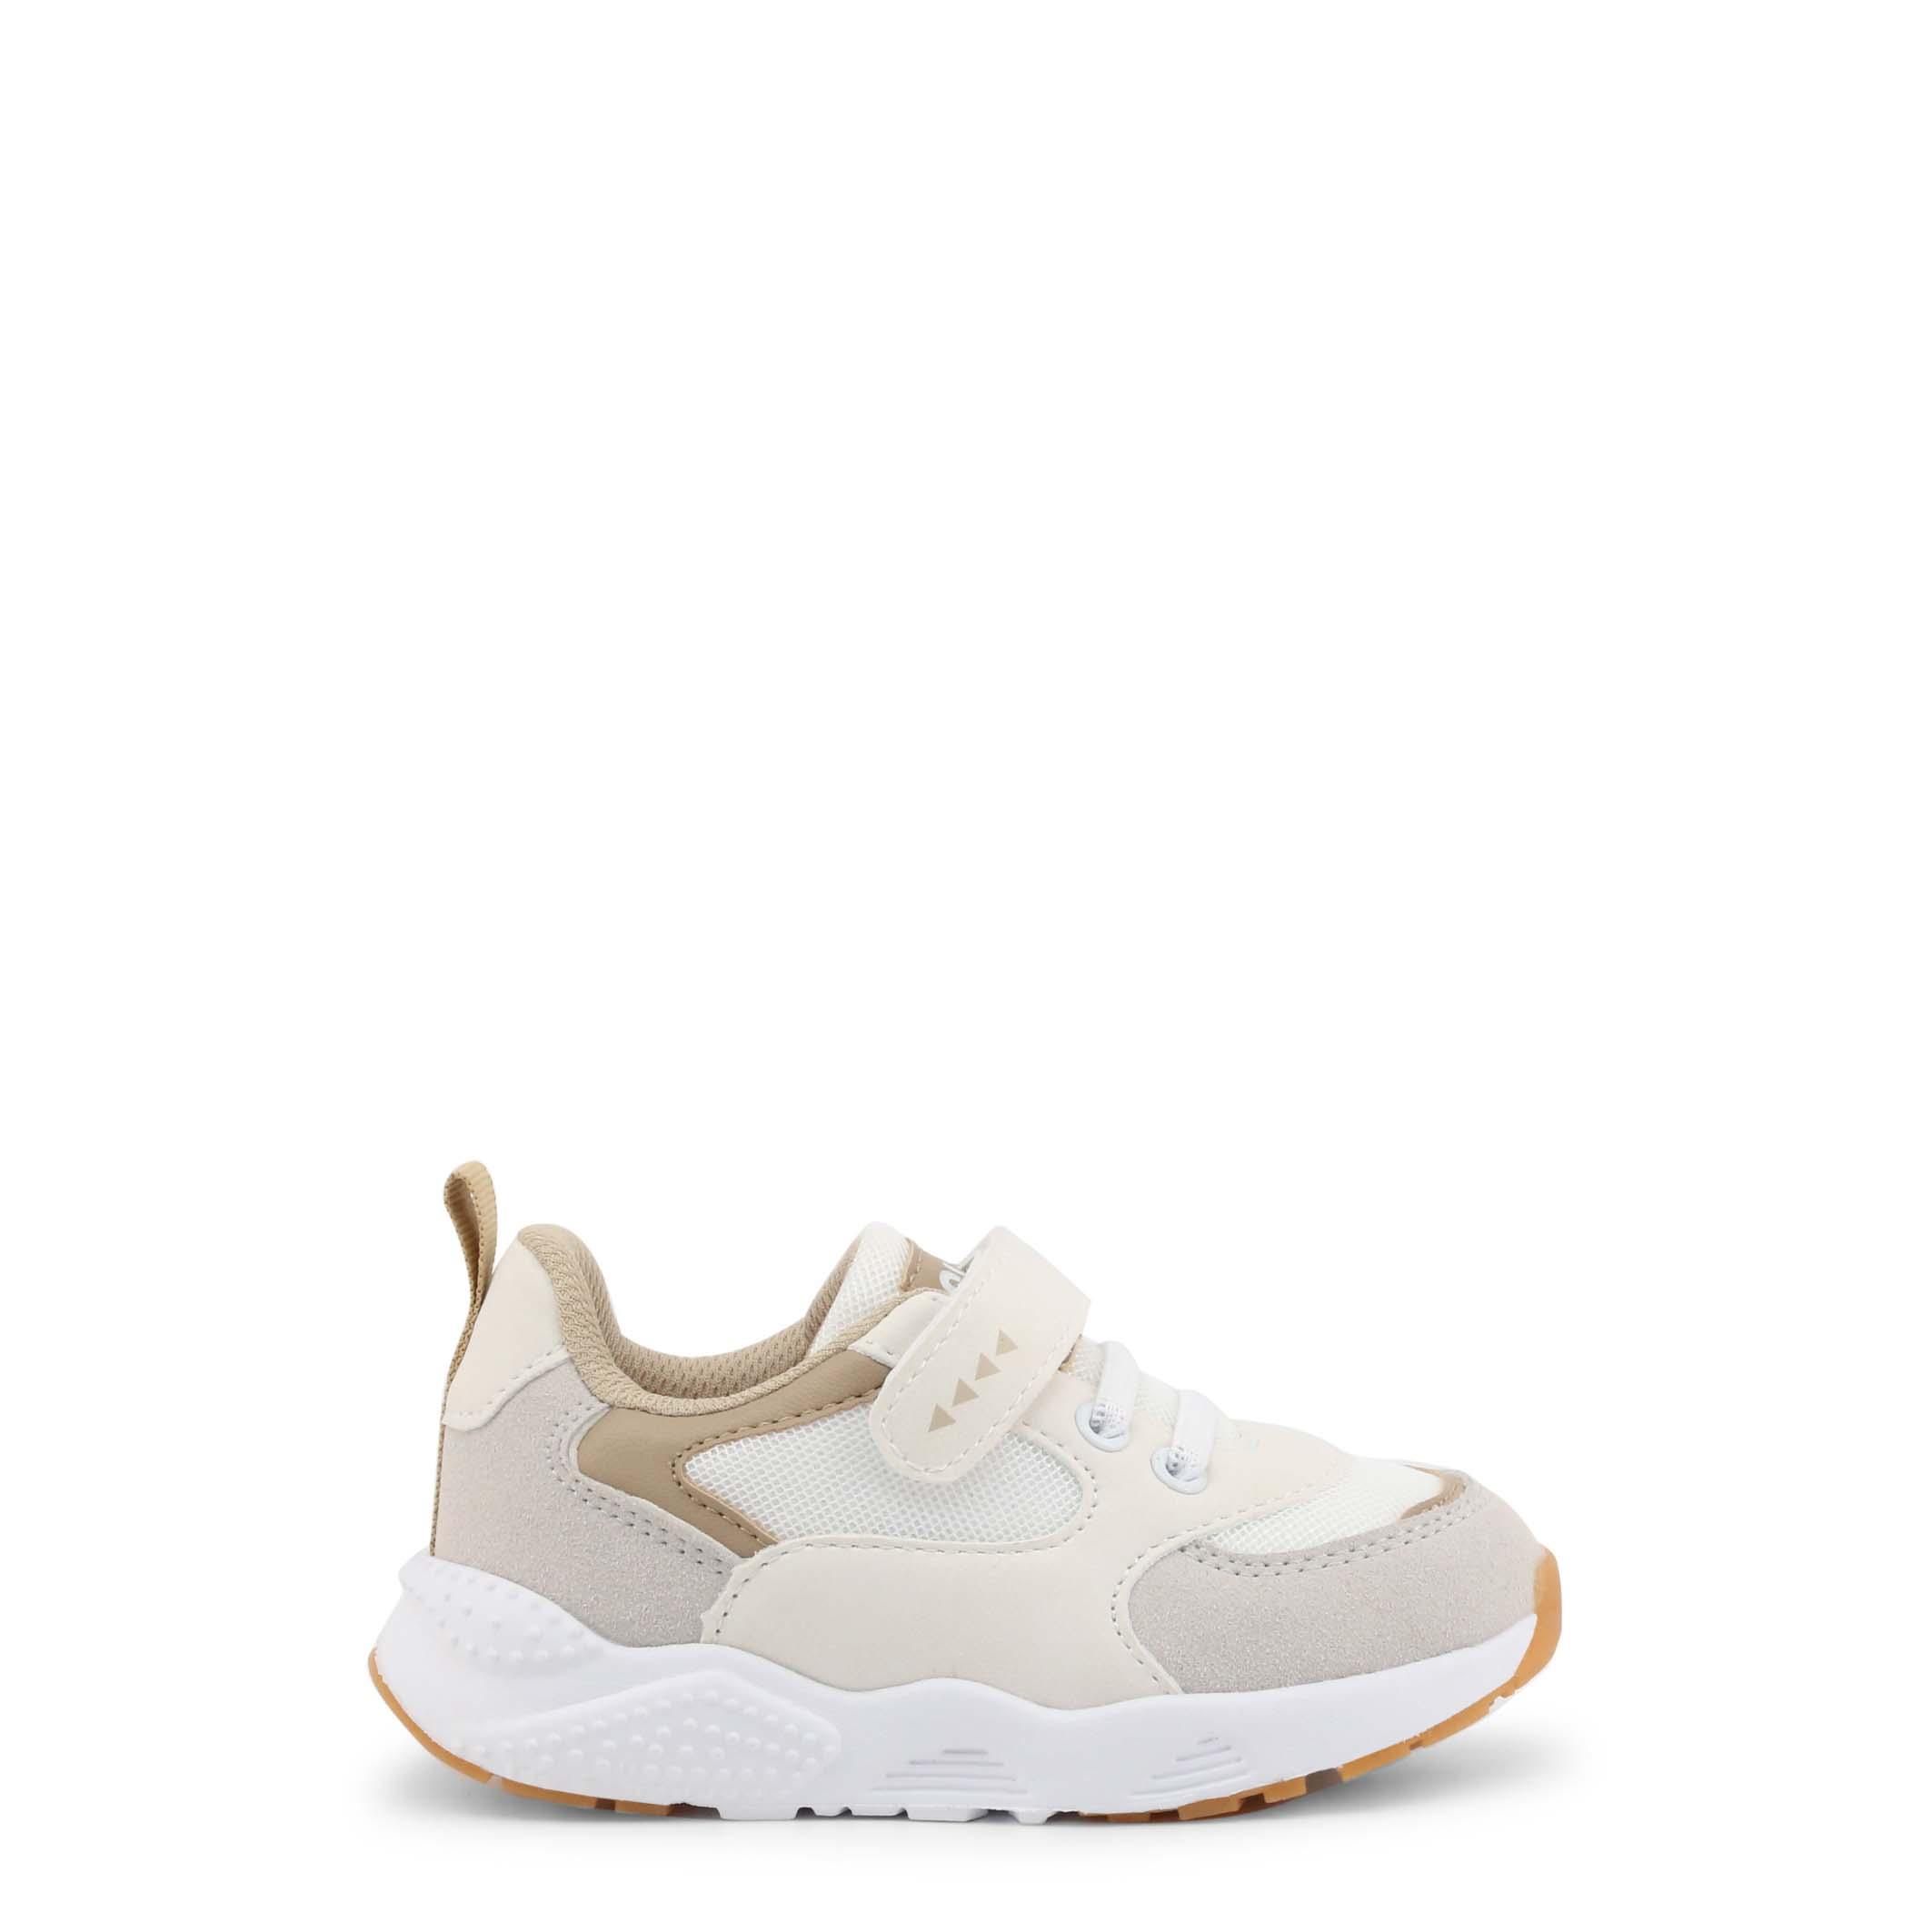 Shone - 10260-022 - White